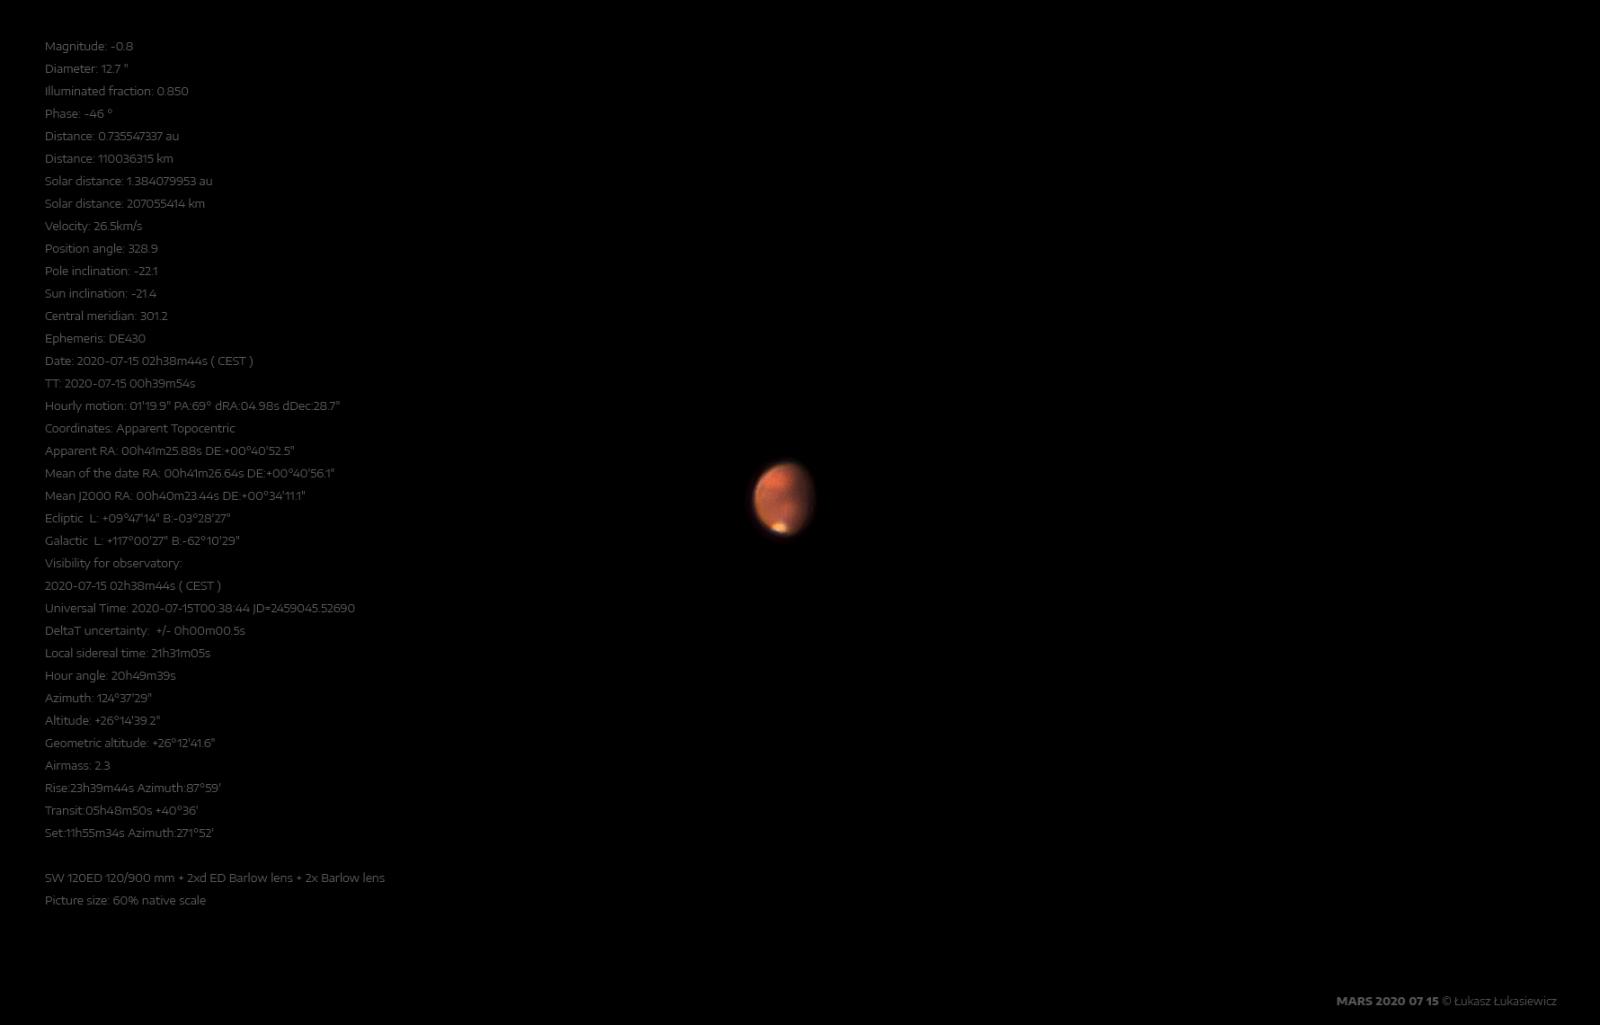 MARS-2020-07-15d.png